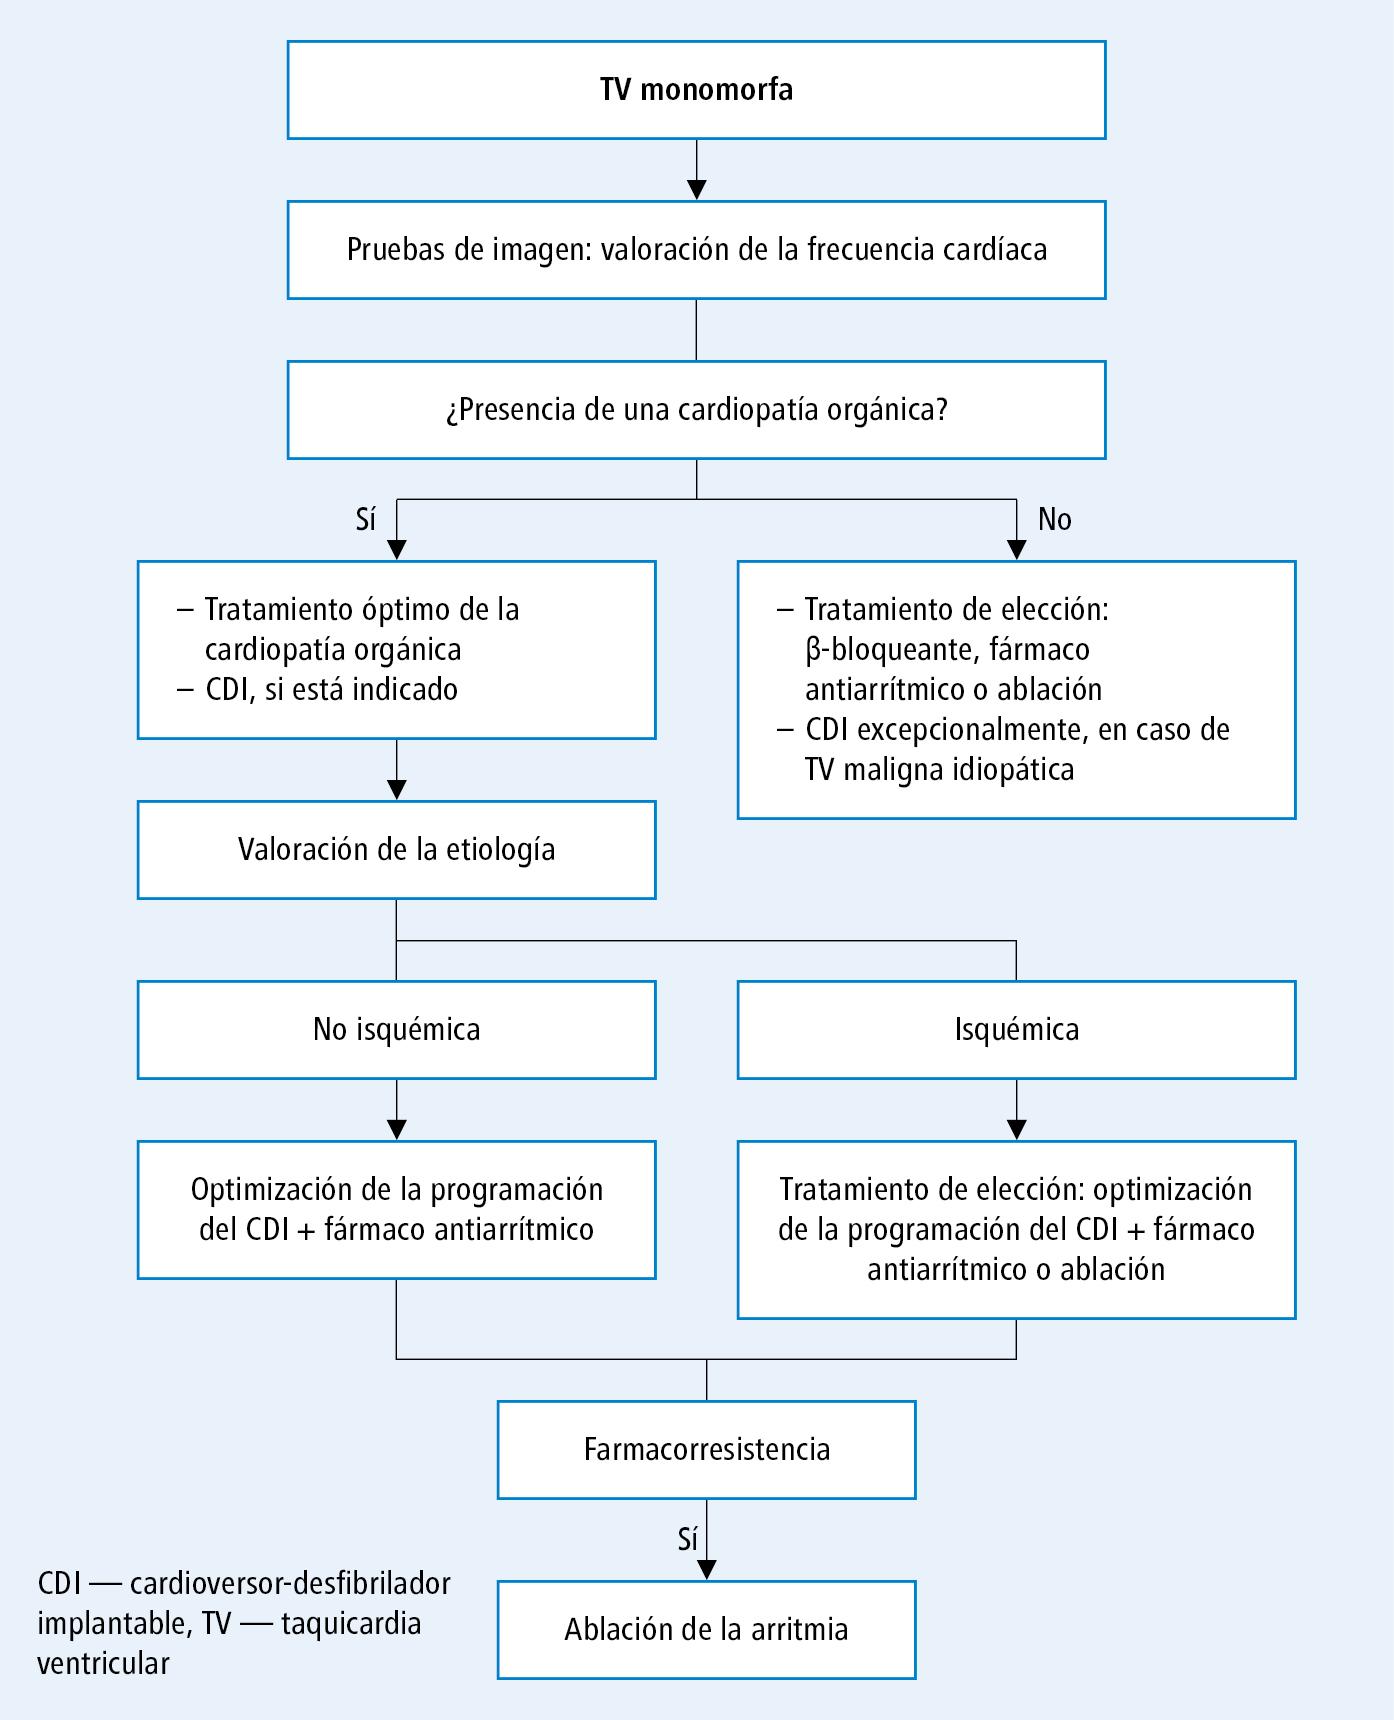 Actuación en enfermos con taquicardia ventricular monomorfa (a base de opinión acordada de los expertos de EHRA, HRS y APHRS 2014, modificada)